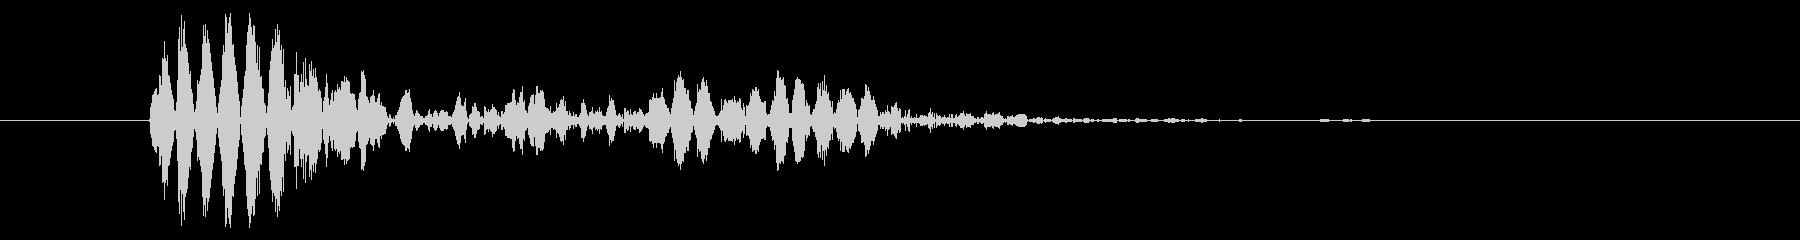 シンプルな打撃音/ドフッ/パンチの未再生の波形